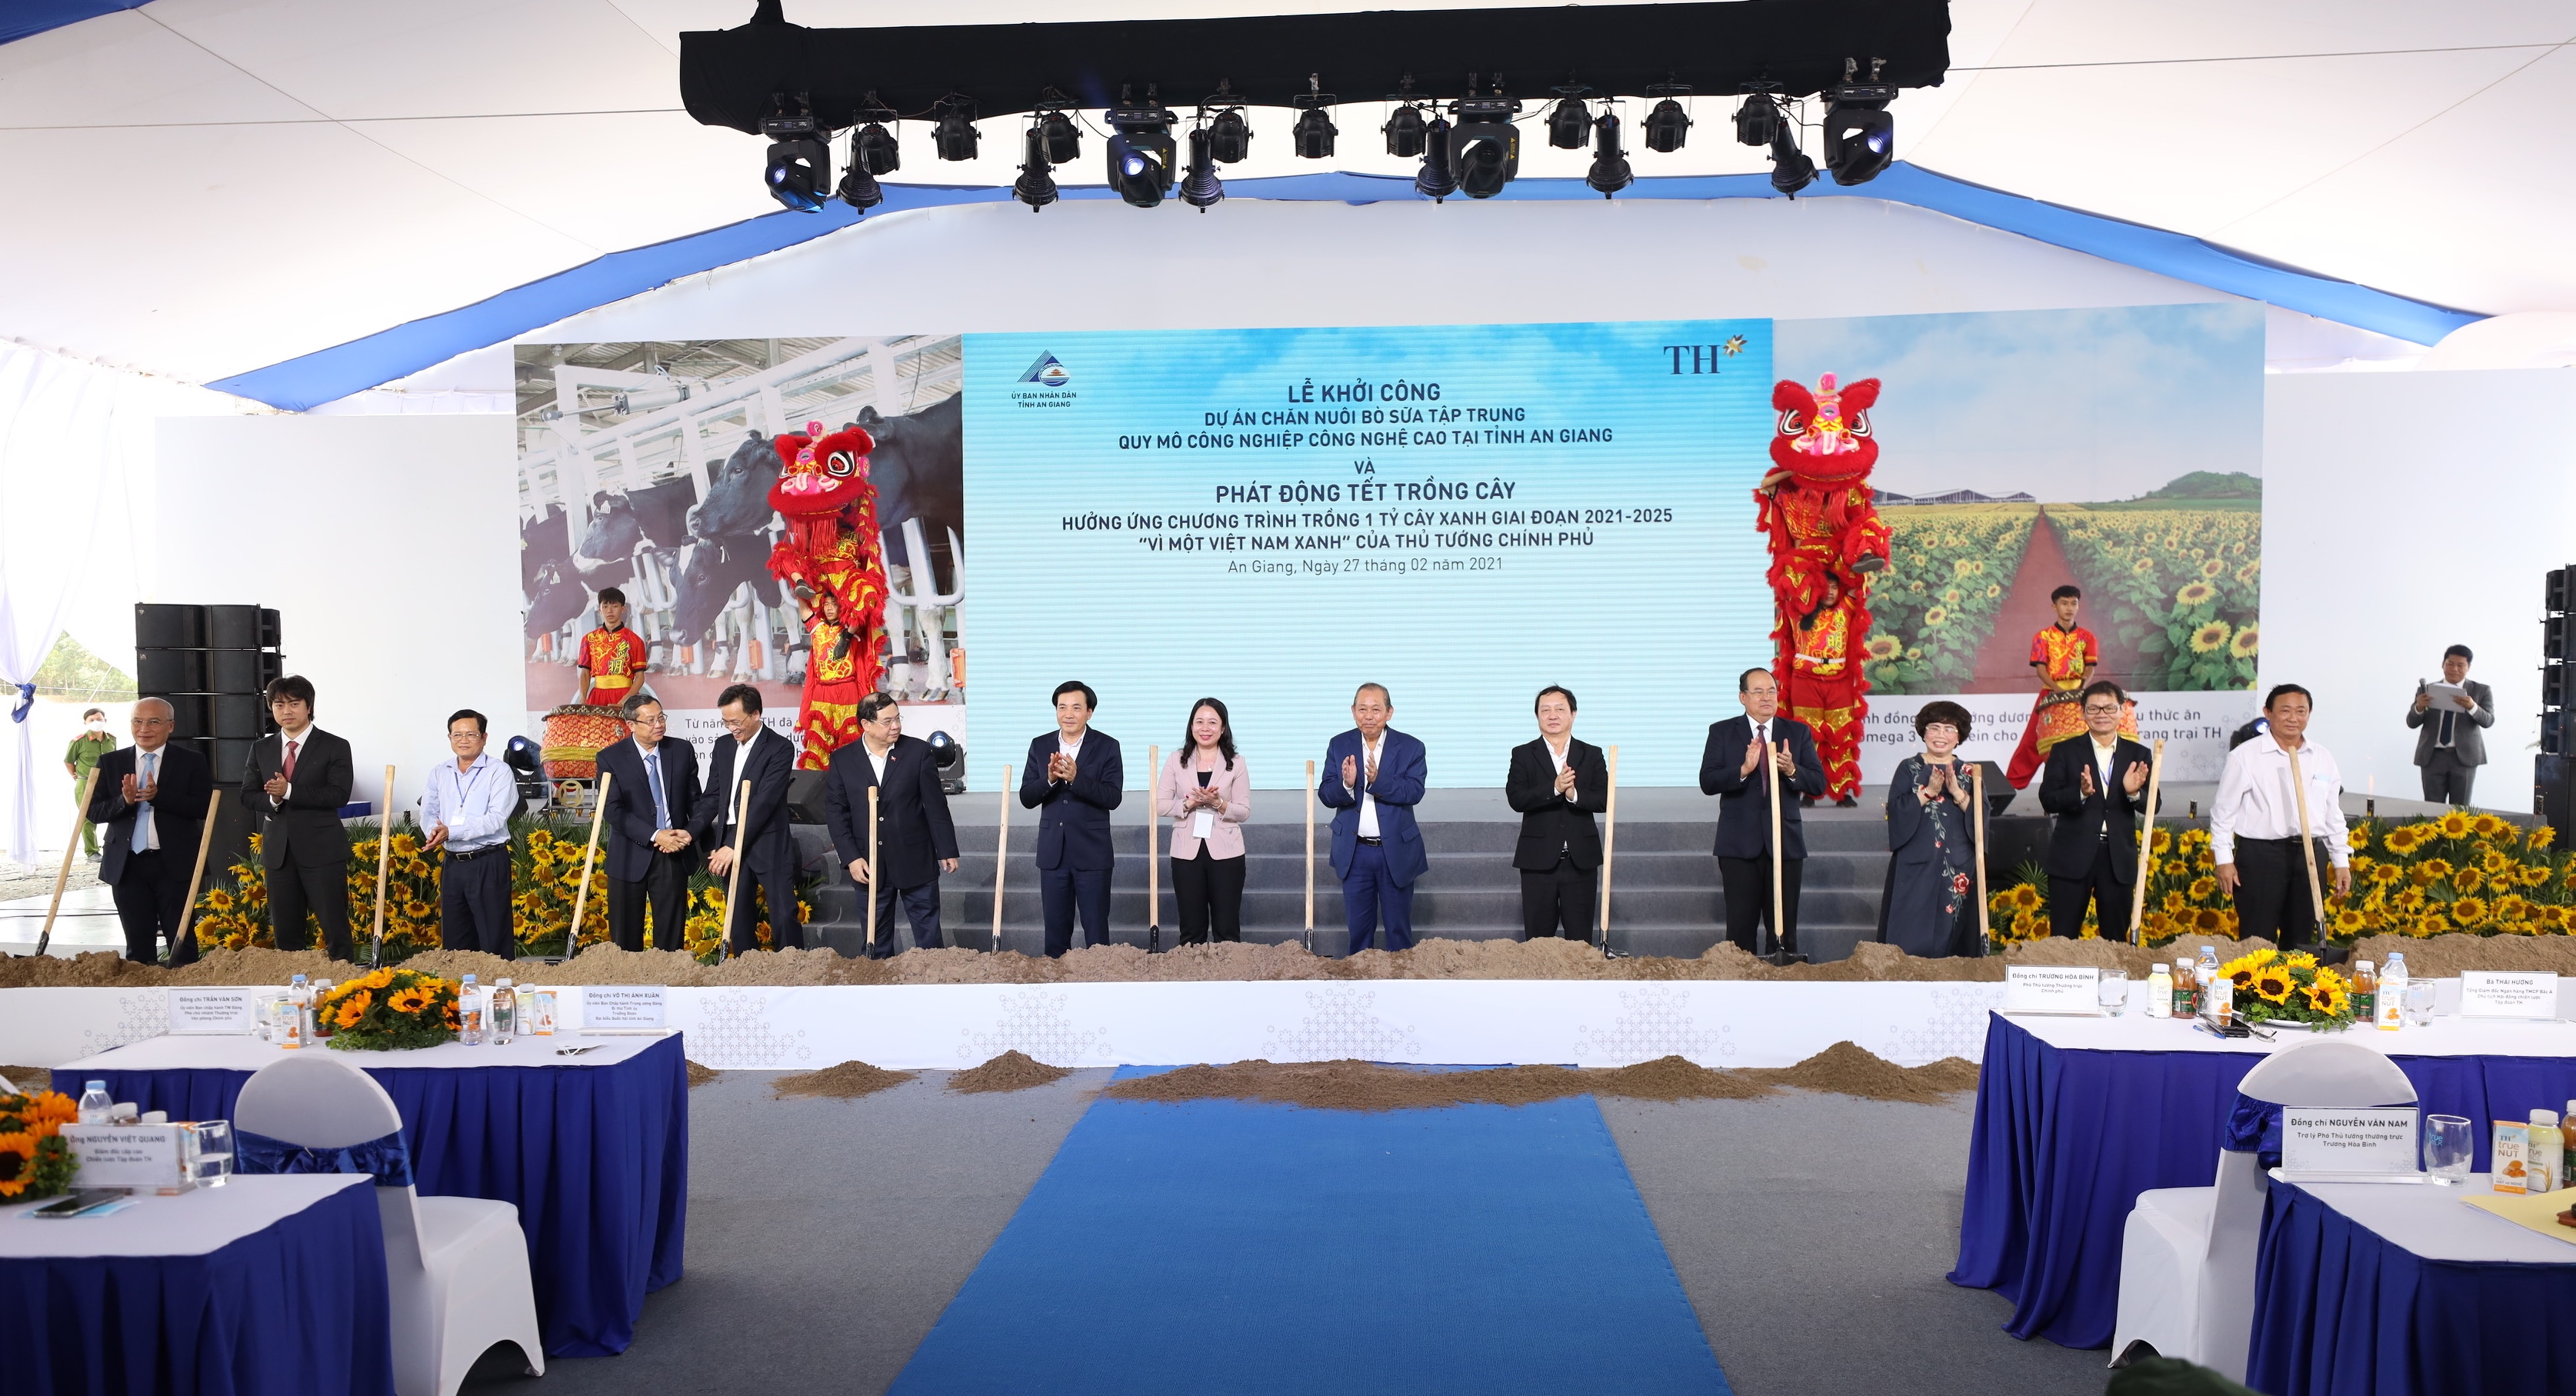 Phó Thủ tướng Thường trực Chính phủ Trương Hòa Bình thực hiện nghi thức khởi công Dự án chăn nuôi bò sữa tập trung quy mô công nghiệp công nghệ cao tại An Giang